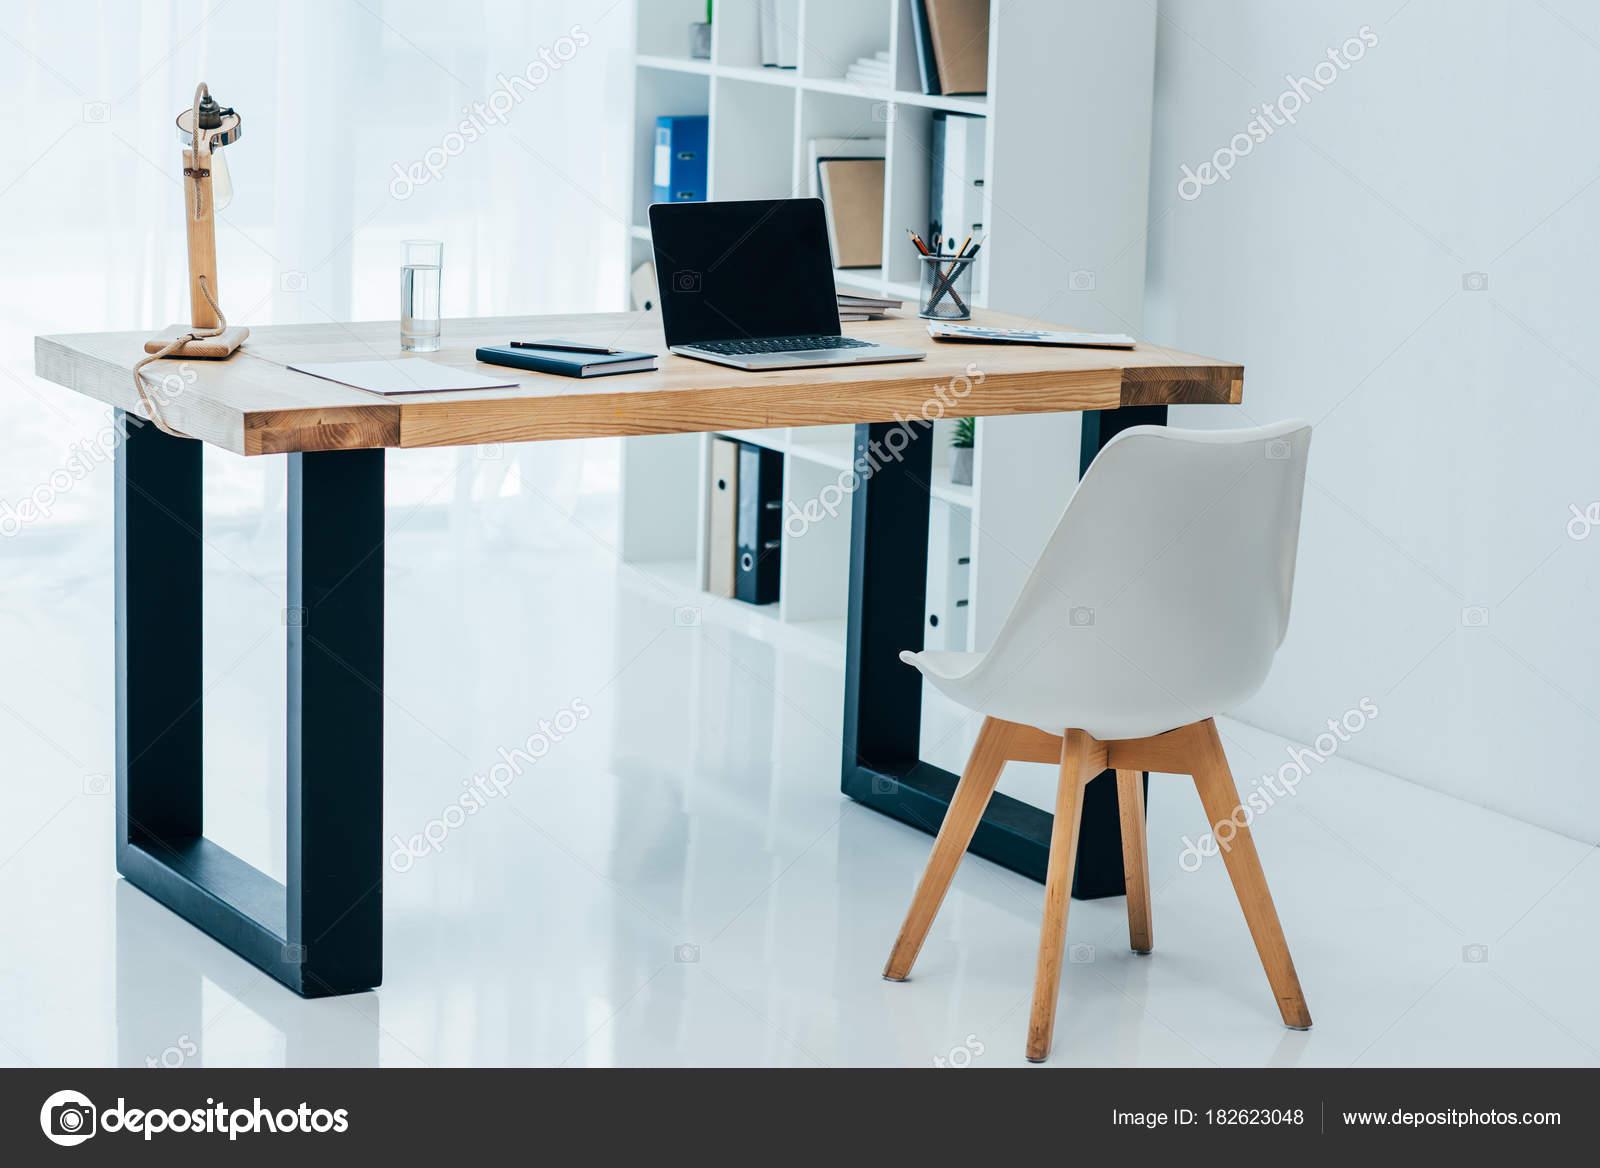 Witte Interieur Inrichting : Interieur van moderne witte kantoor met stijlvolle inrichting